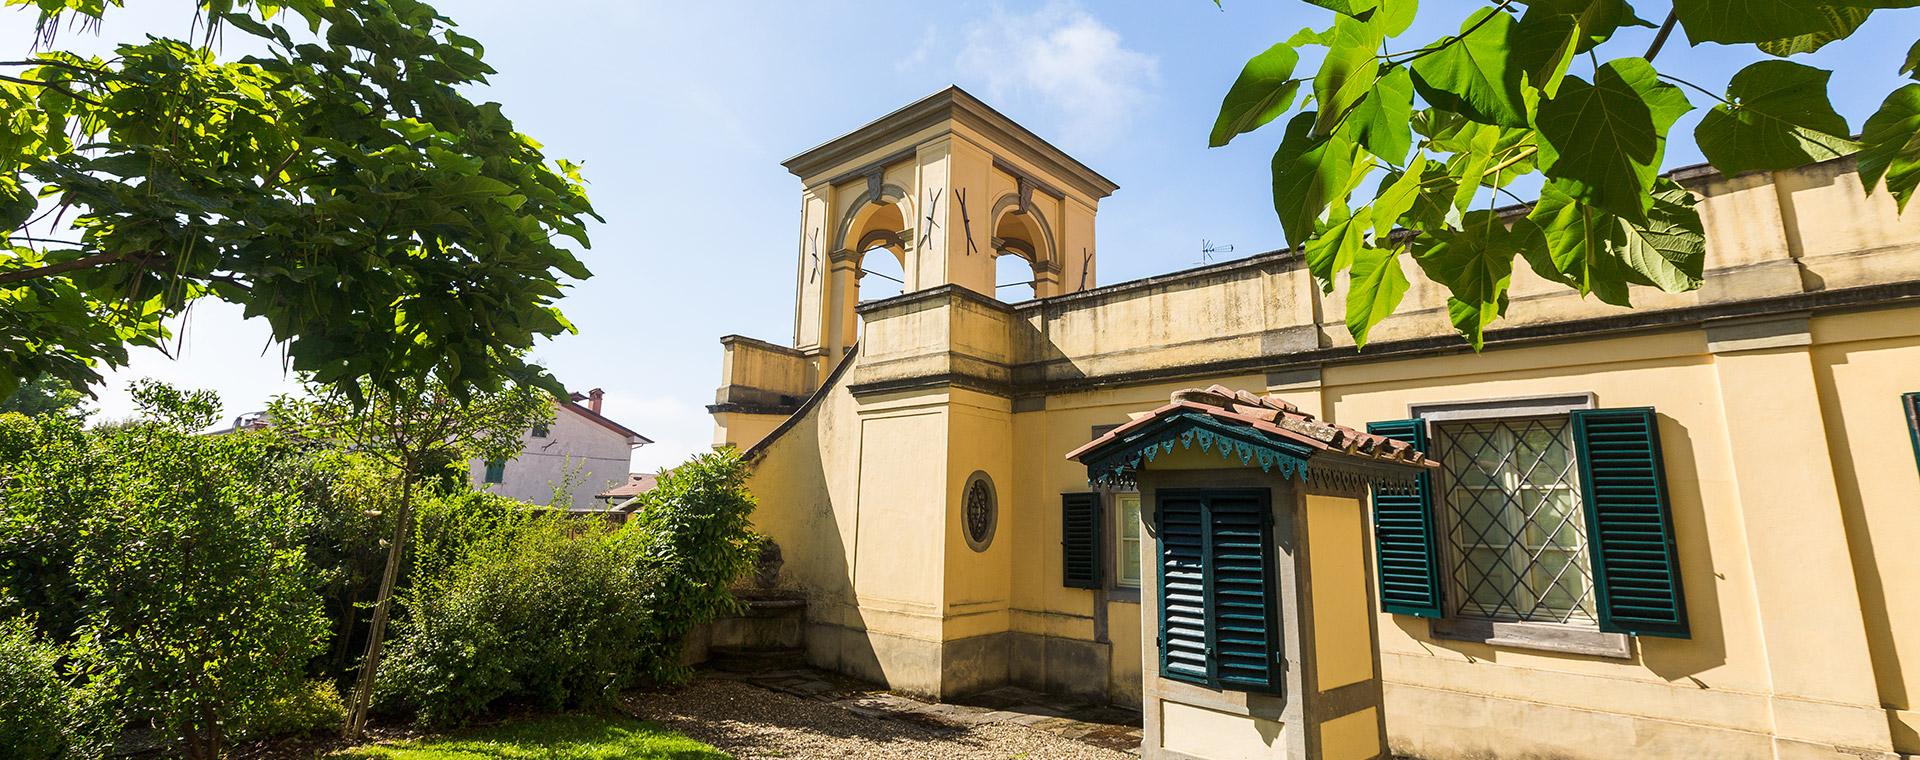 Vivere in Toscana - villa in vendita